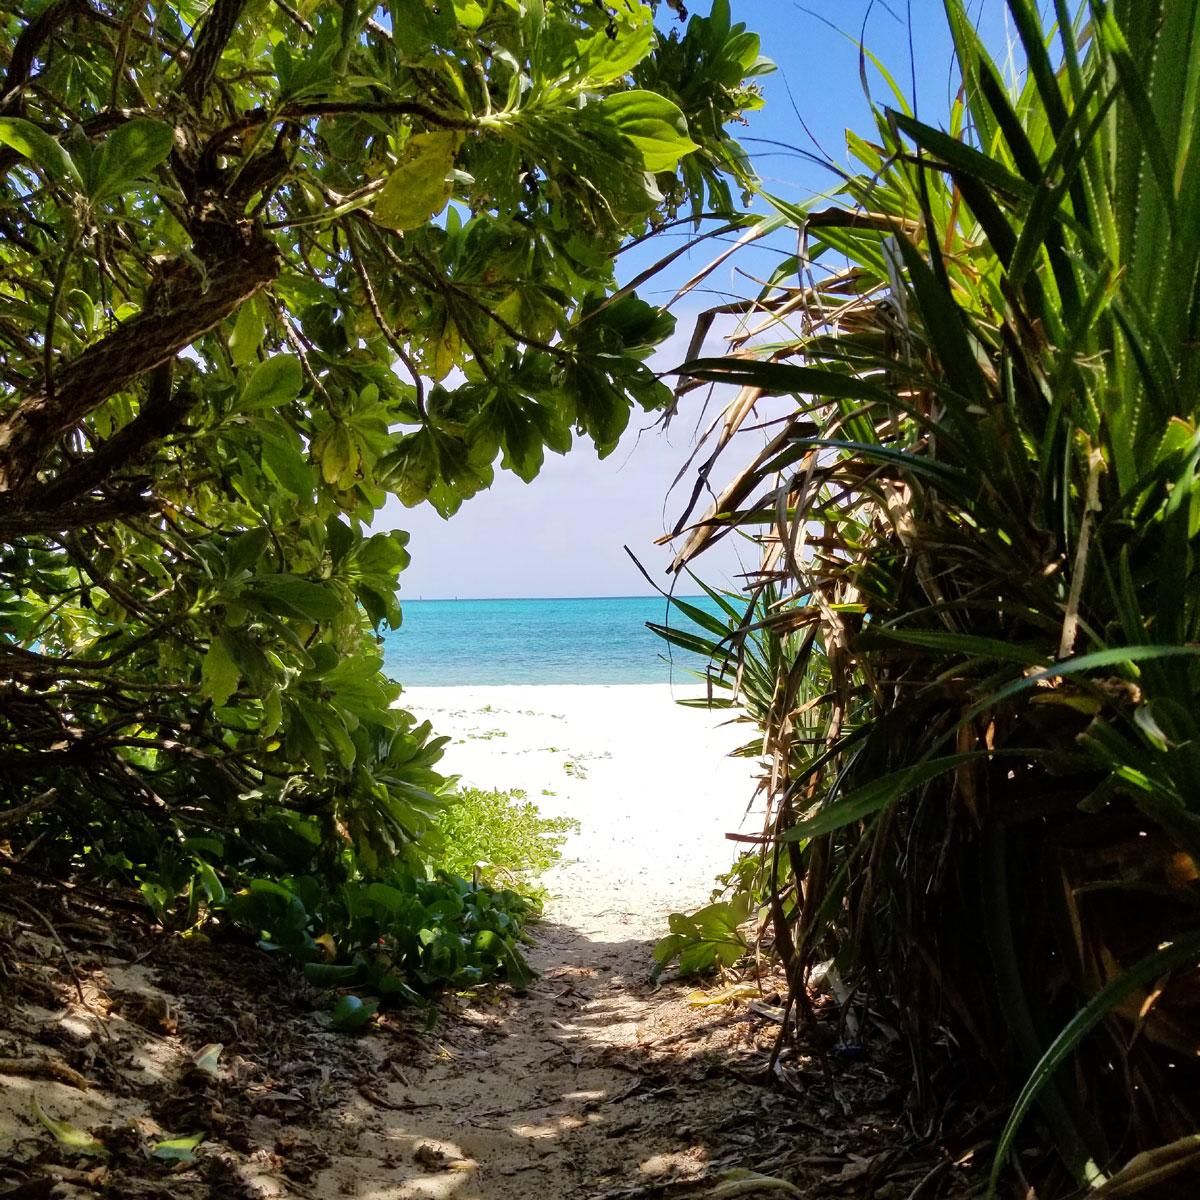 熱帯植物のトンネルを抜けるとお浜